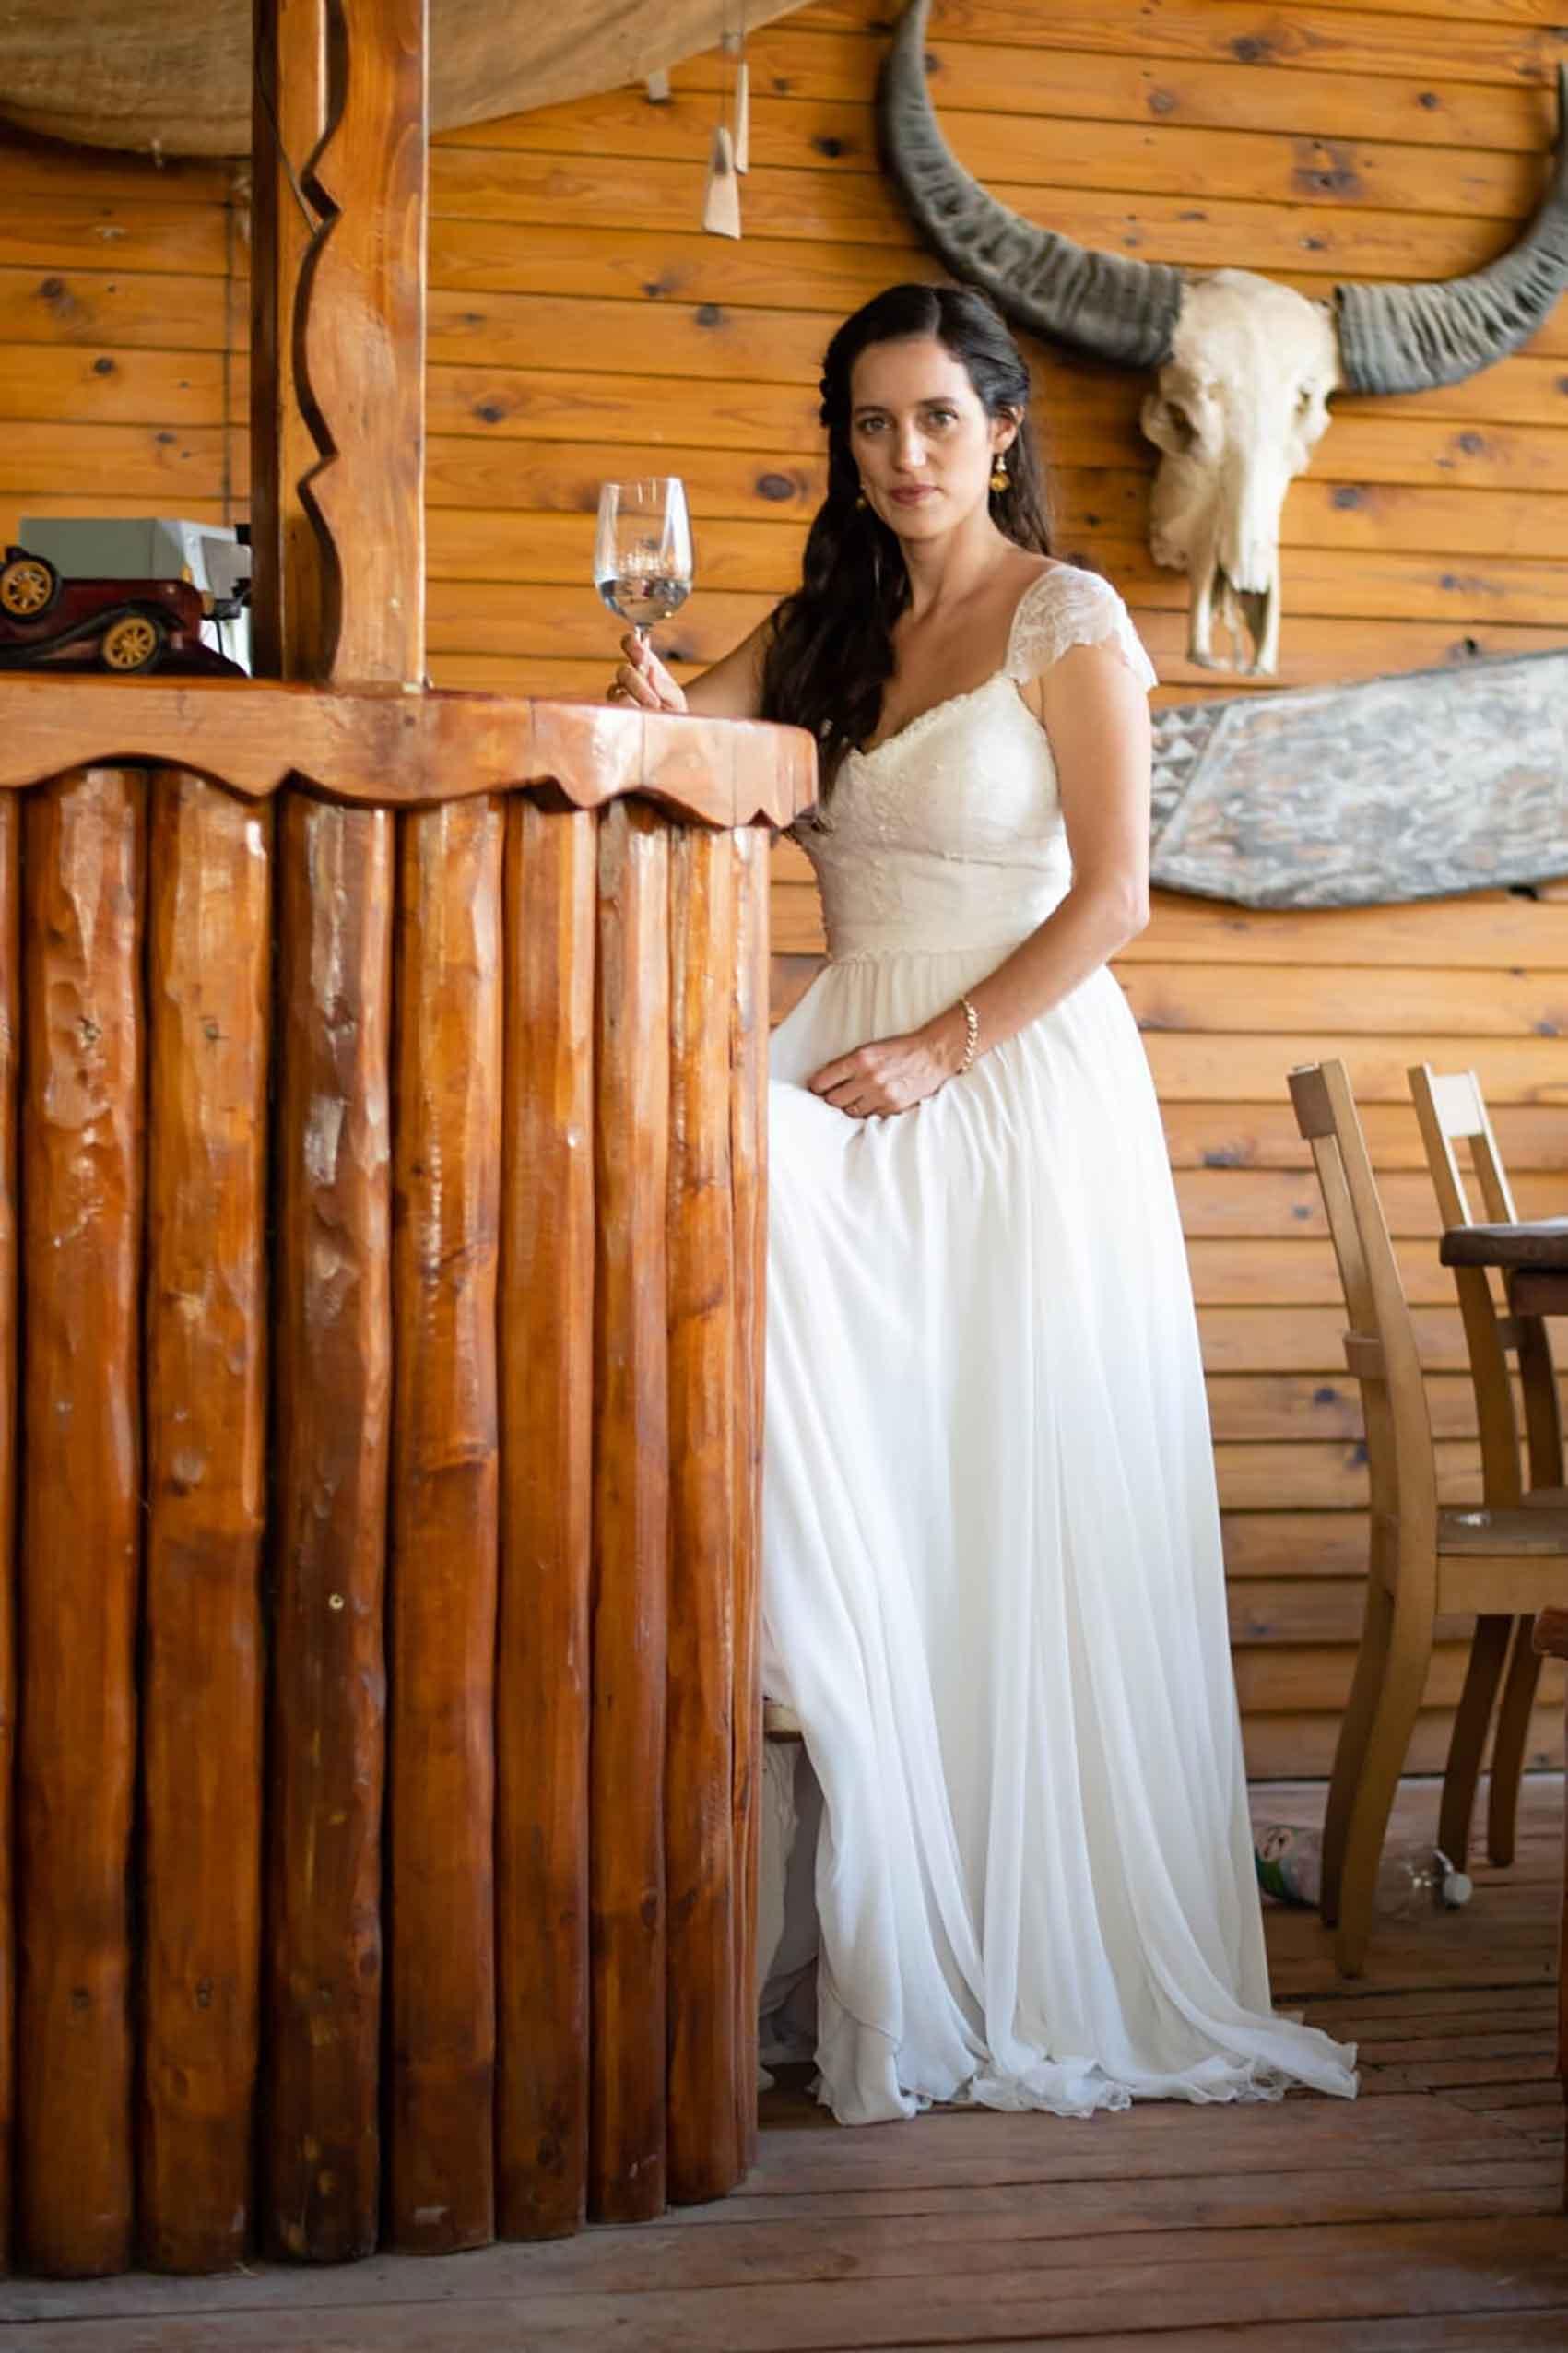 אהבת-הדס-שמלות-כלה-ב-700-שקל-חדשות-אופנה